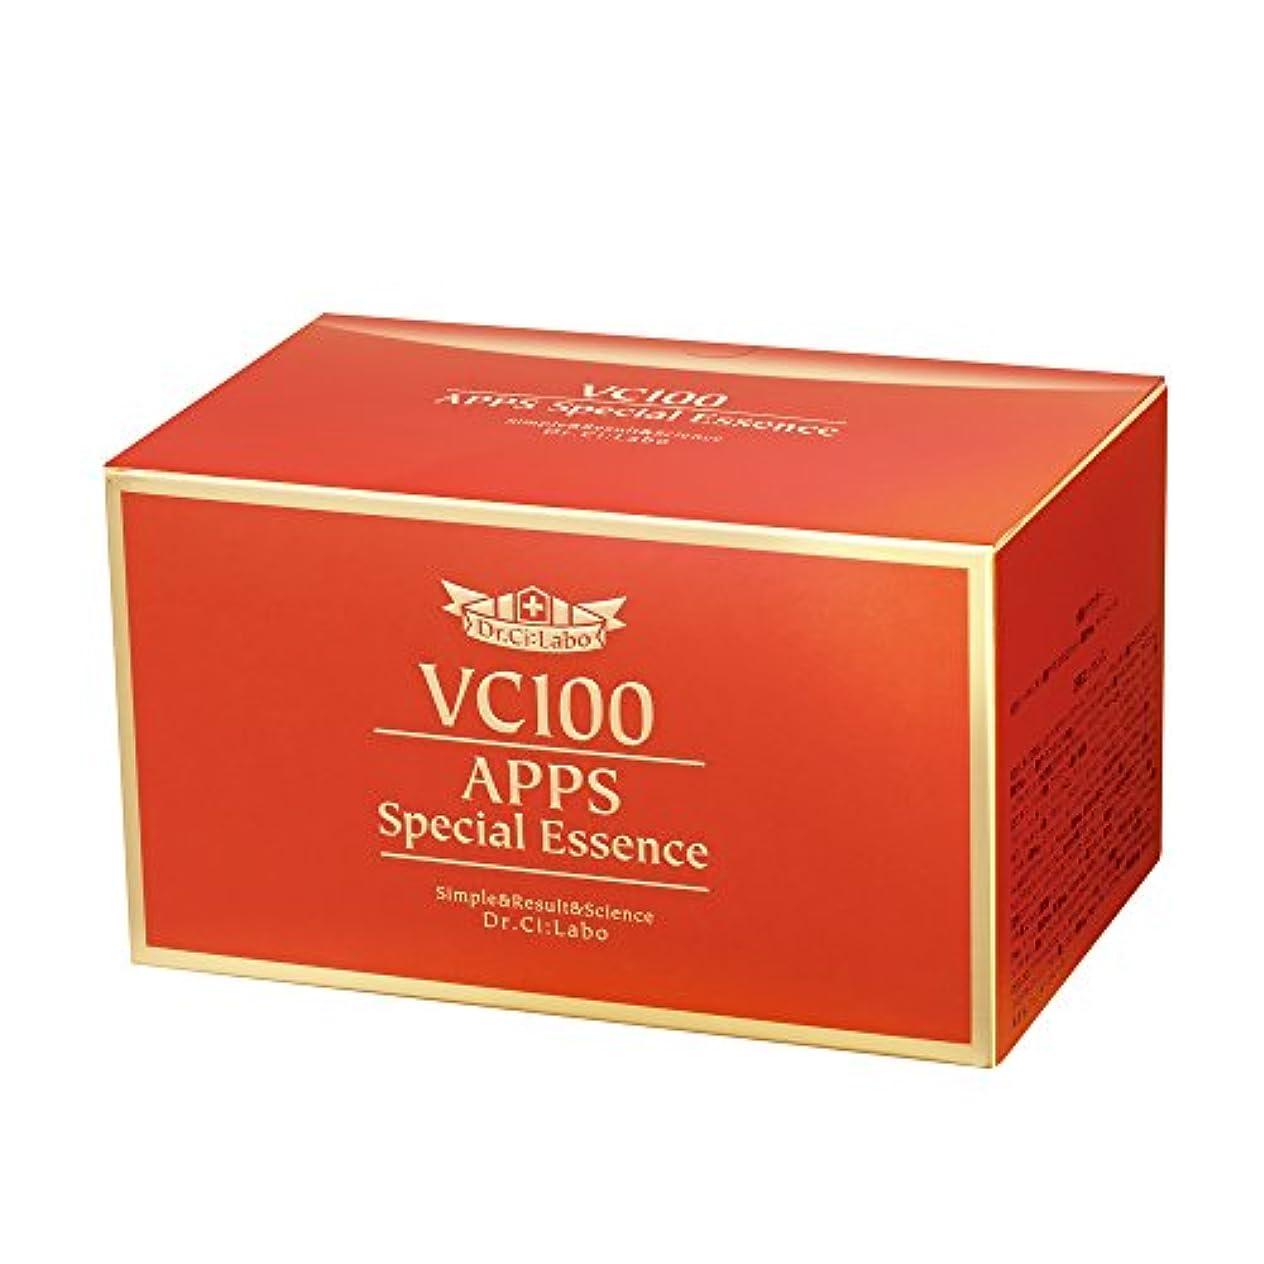 狂人極小均等にドクターシーラボ VC100APPSスペシャルエッセンス 7日分×4セット 集中美容液